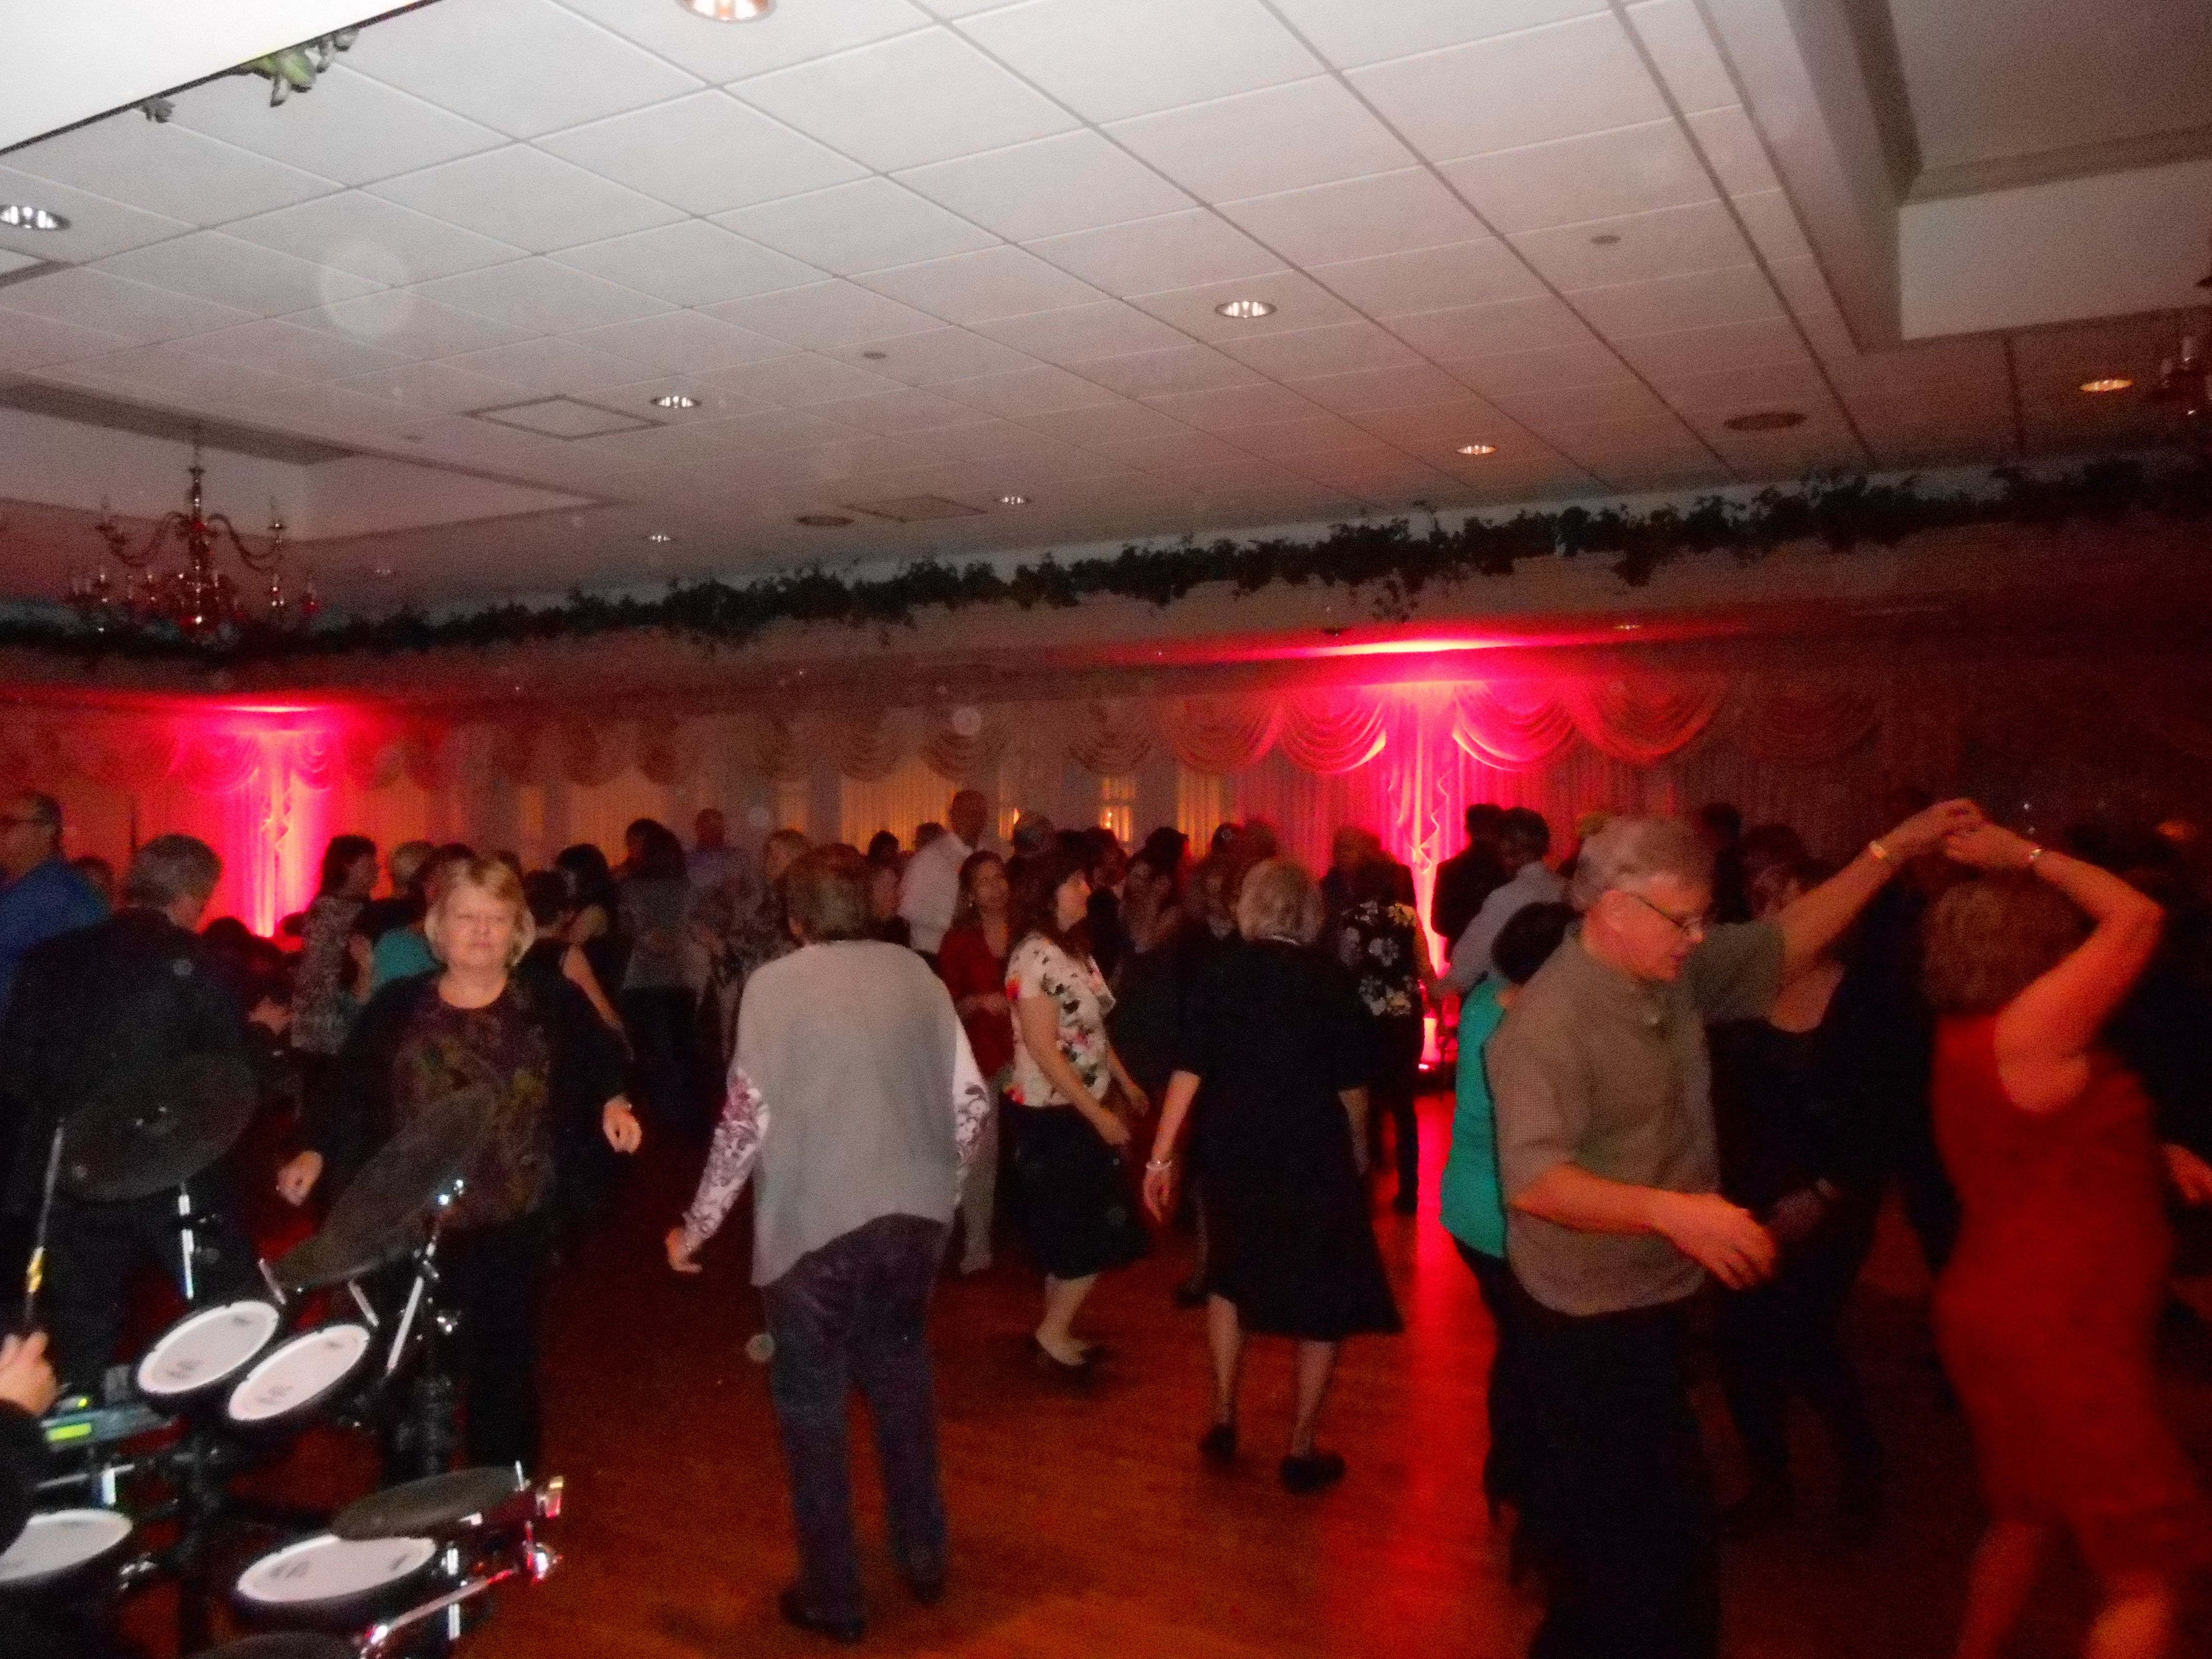 Singles dances in massachusetts